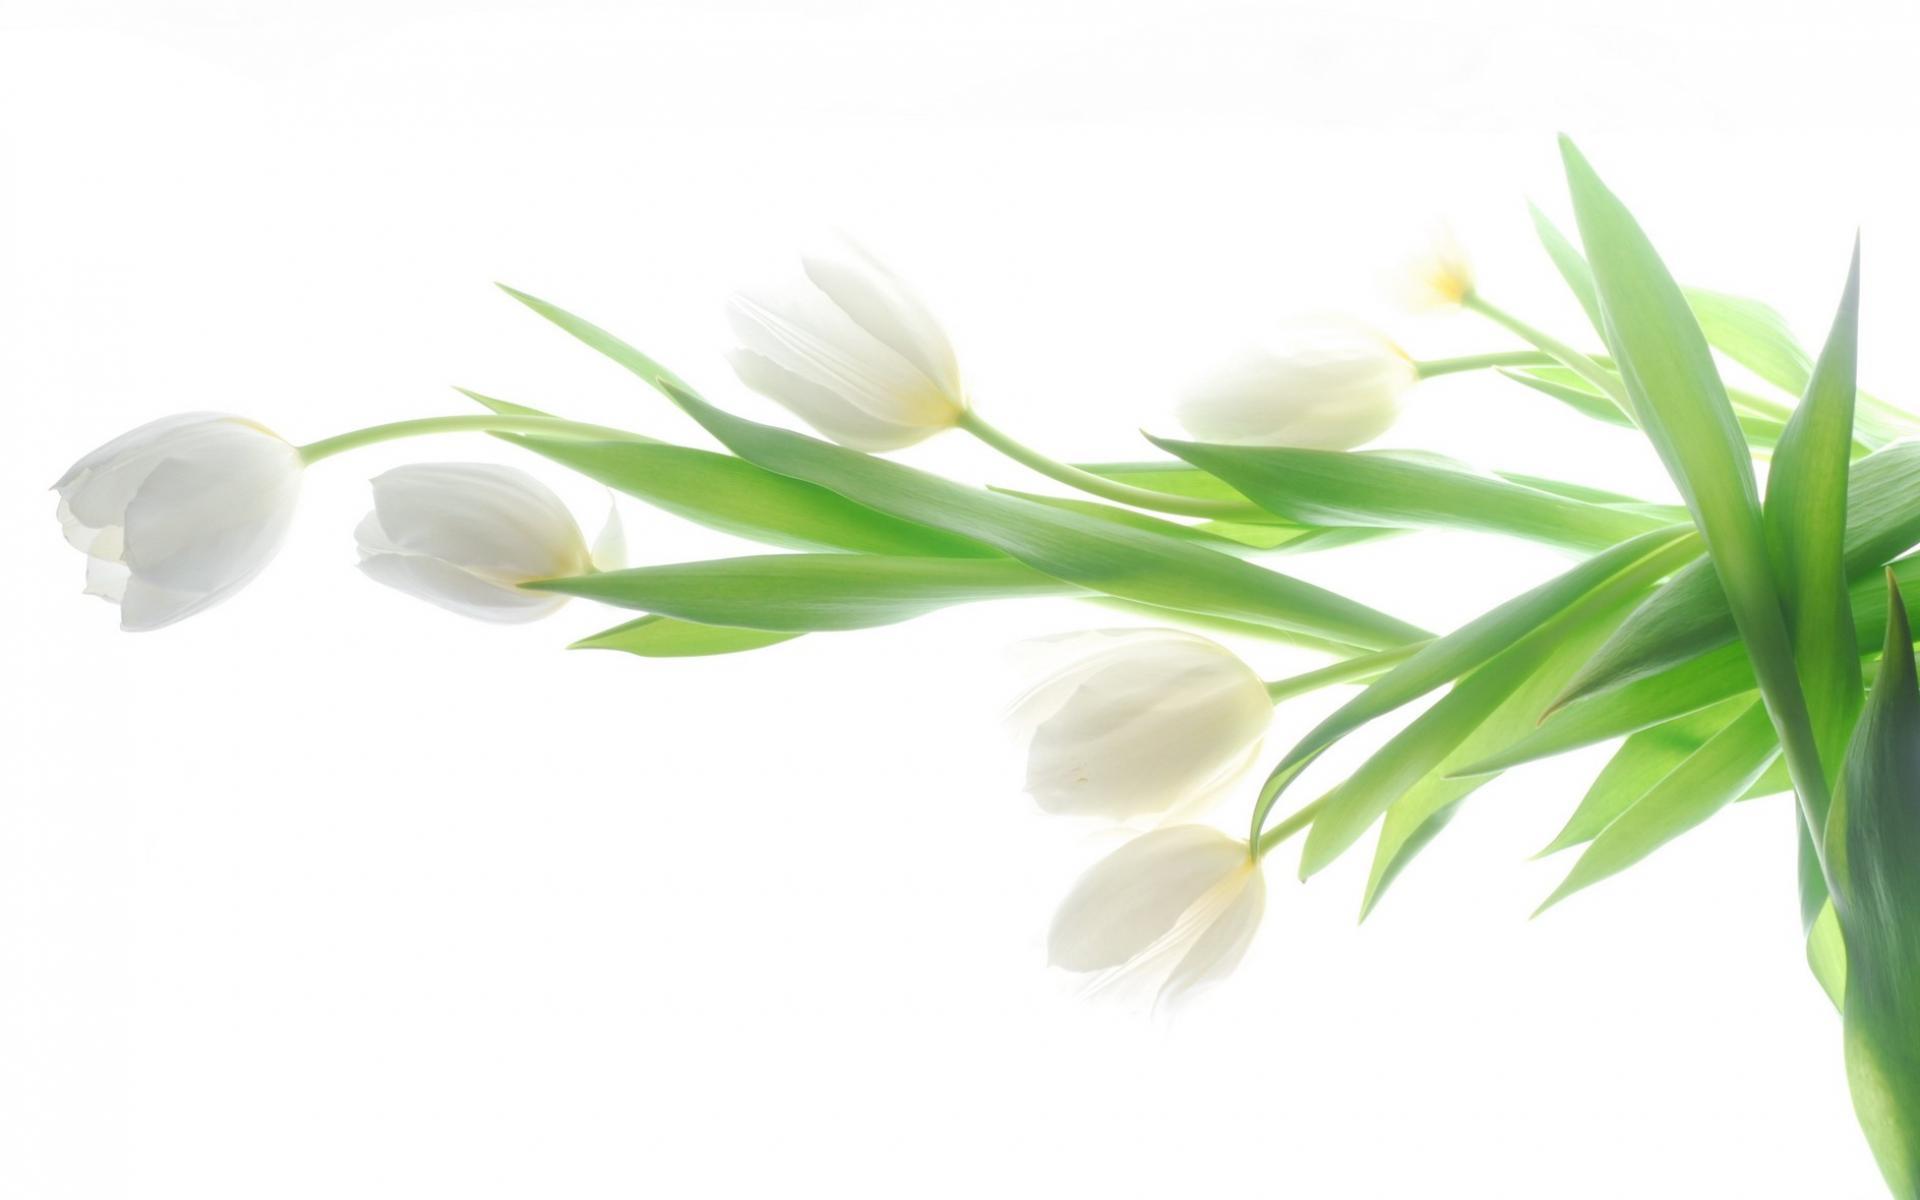 Скачать обои белые тюльпаны 1920x1200